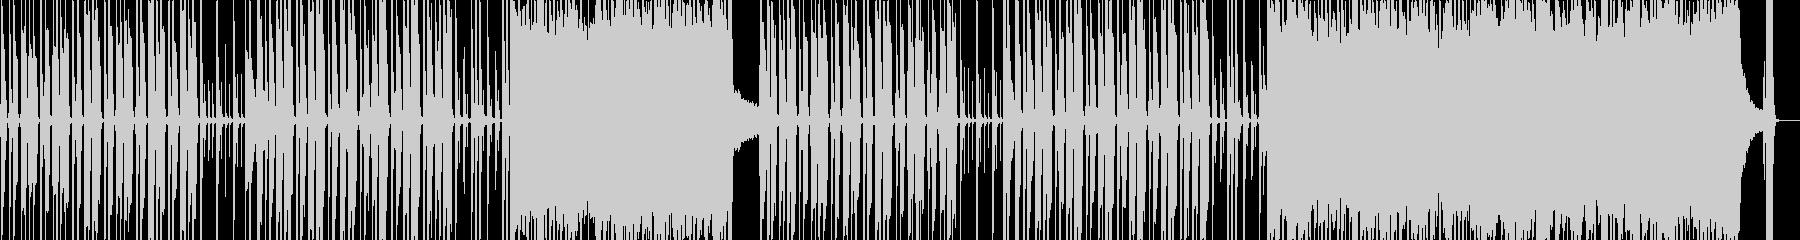 ベースが主役のロック調イントロの未再生の波形